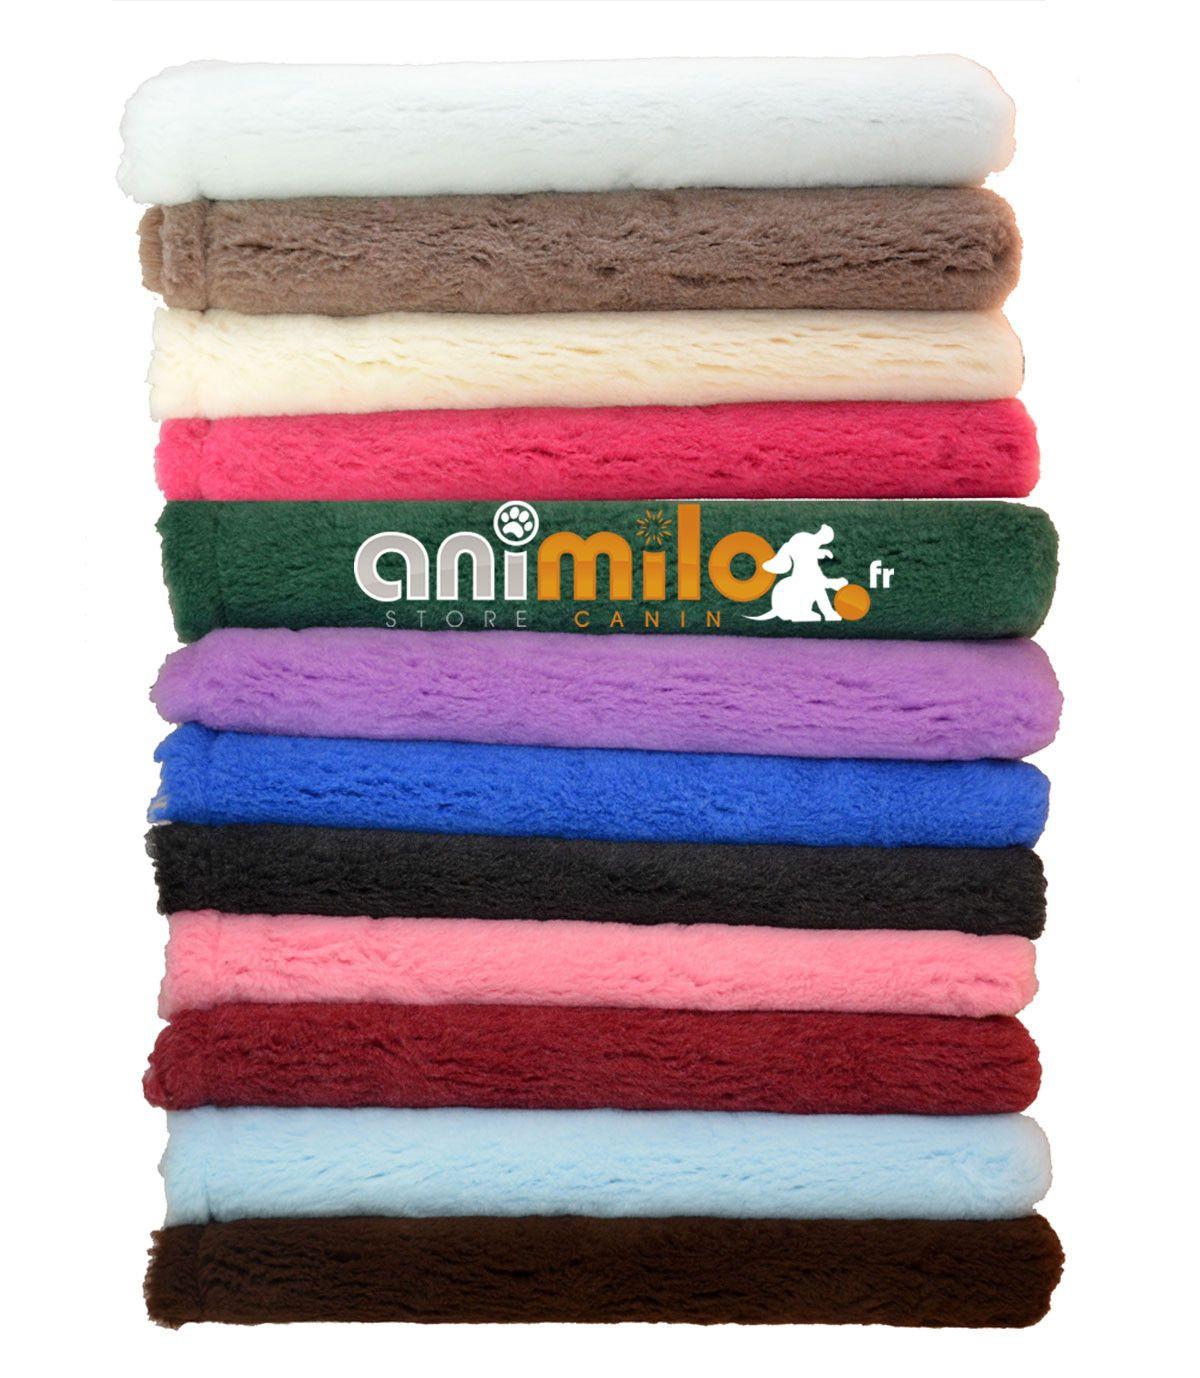 PROMO 10x tapis drainant Confortbed Eleveur couleur unie 26 mm